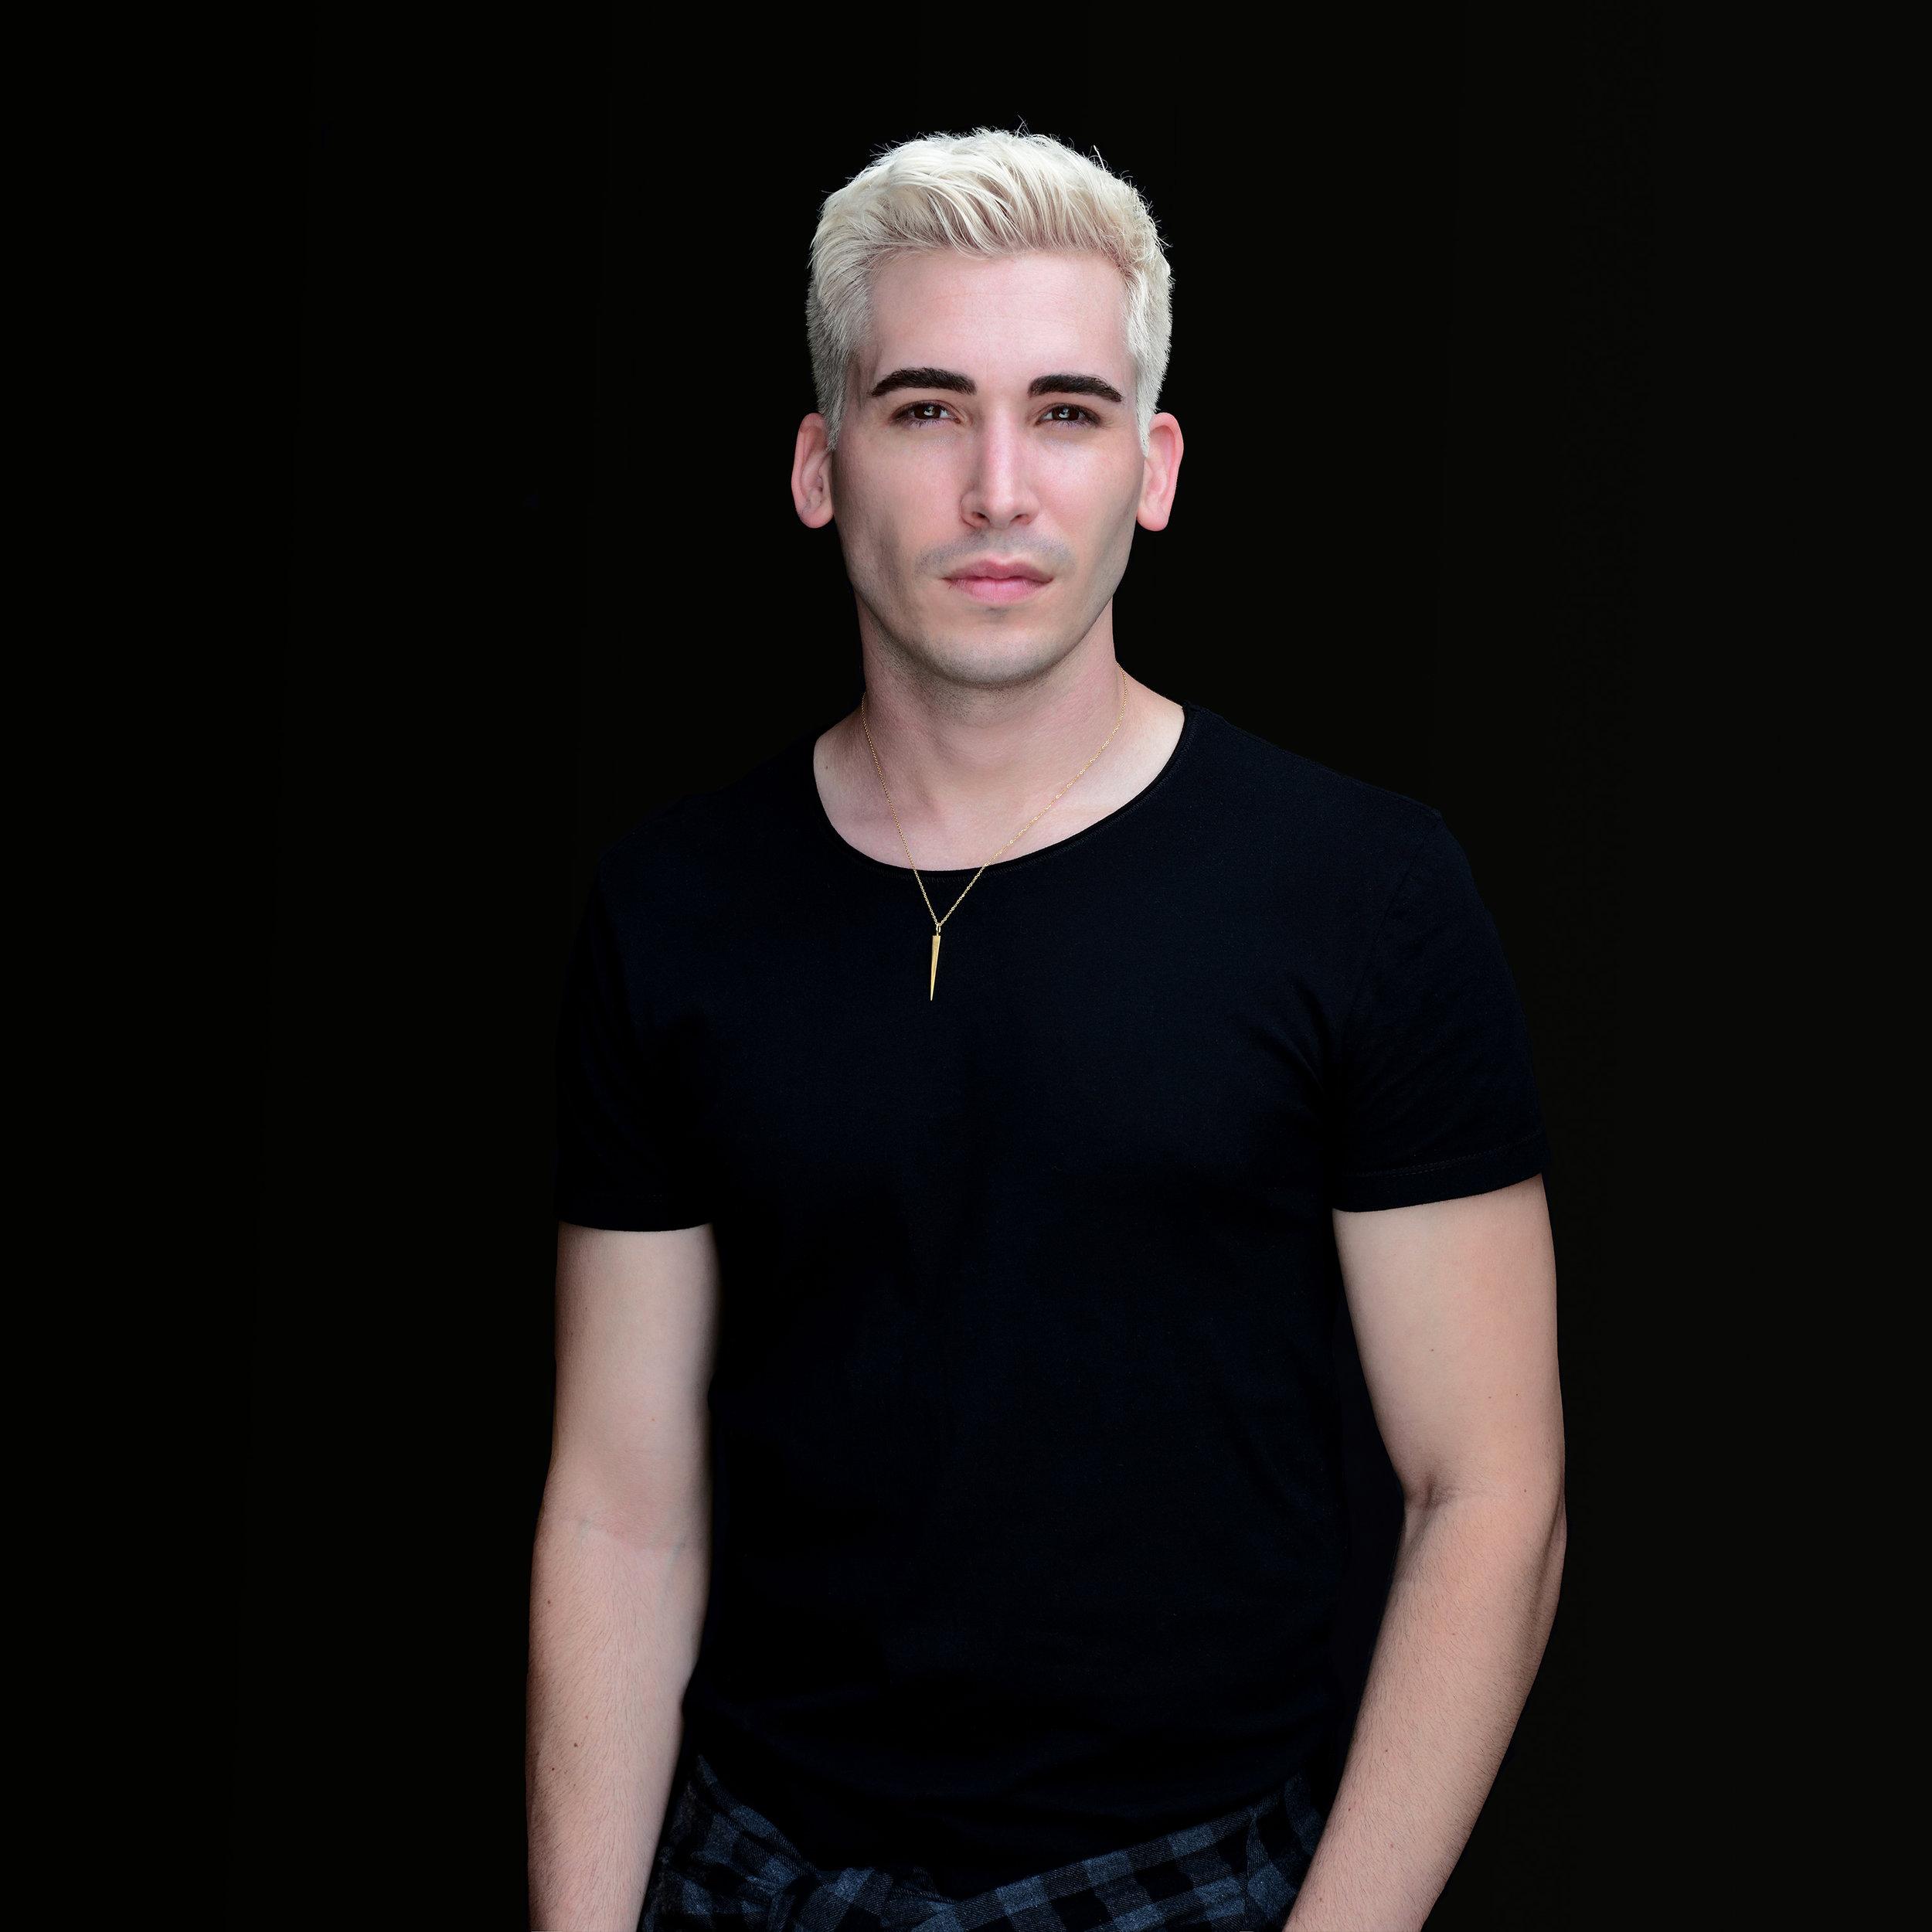 New Hair - ya like?